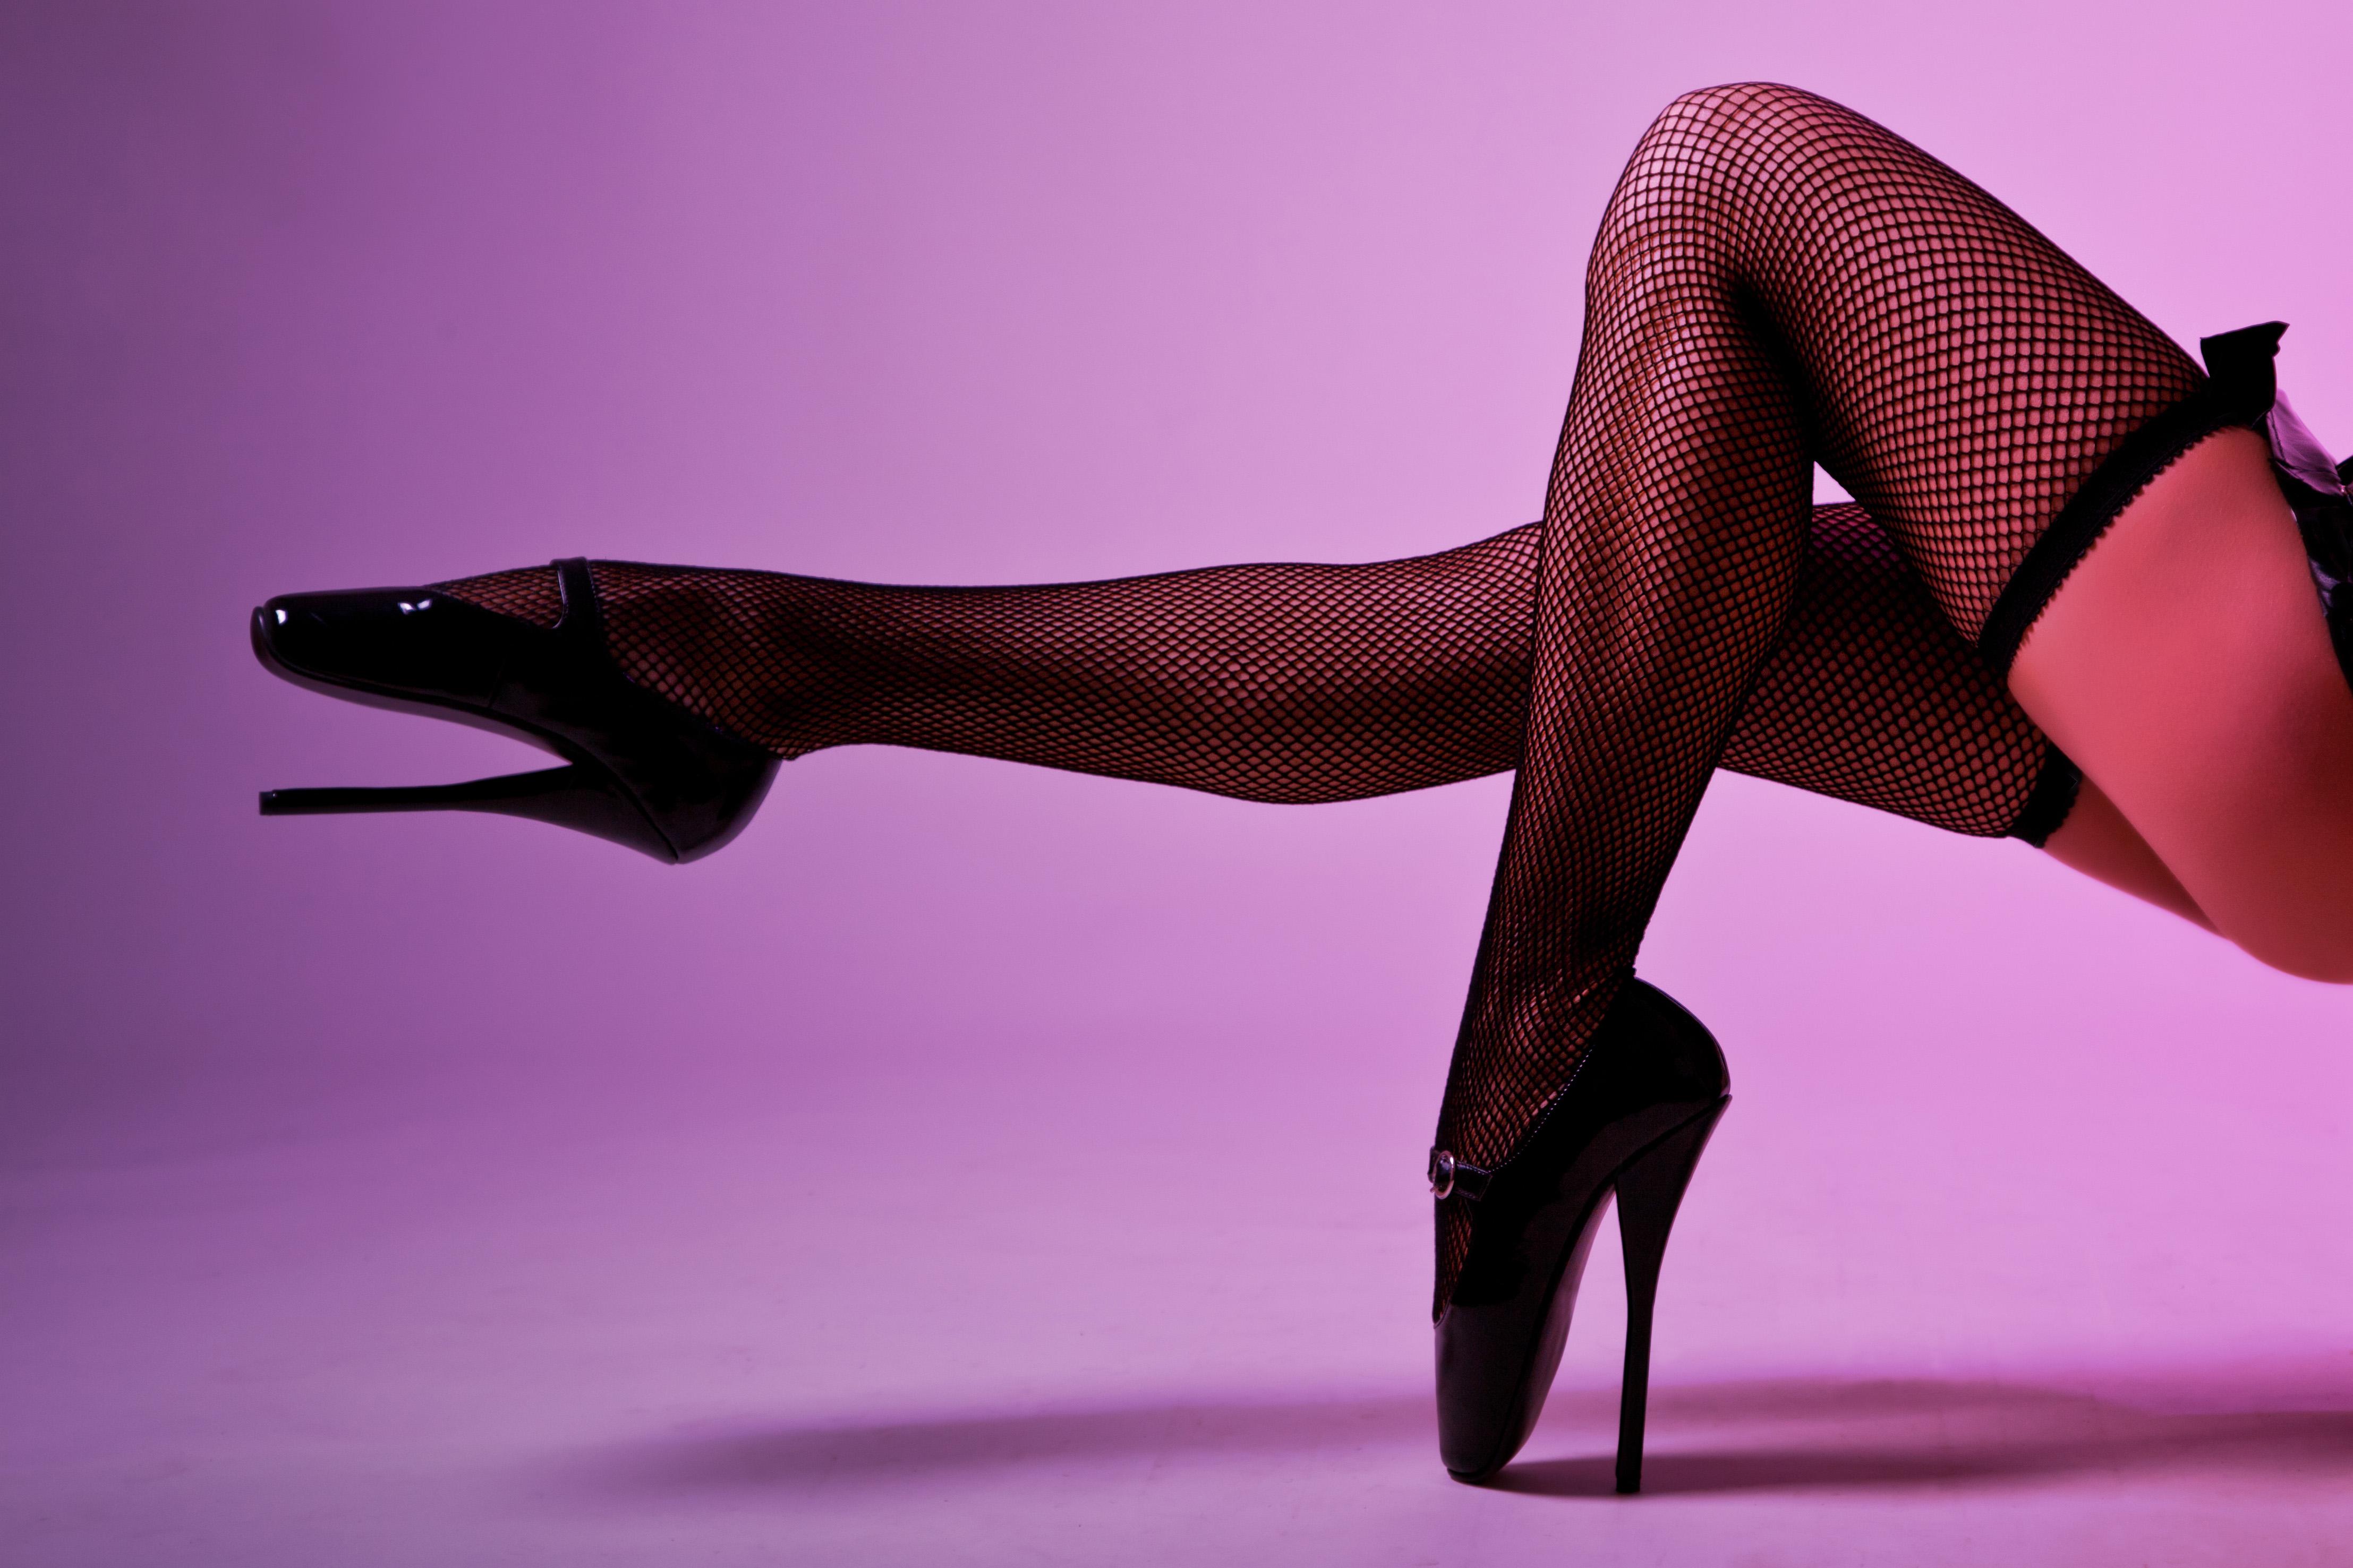 Самые красивые женские ножки в чулках и туфлях 9 фотография